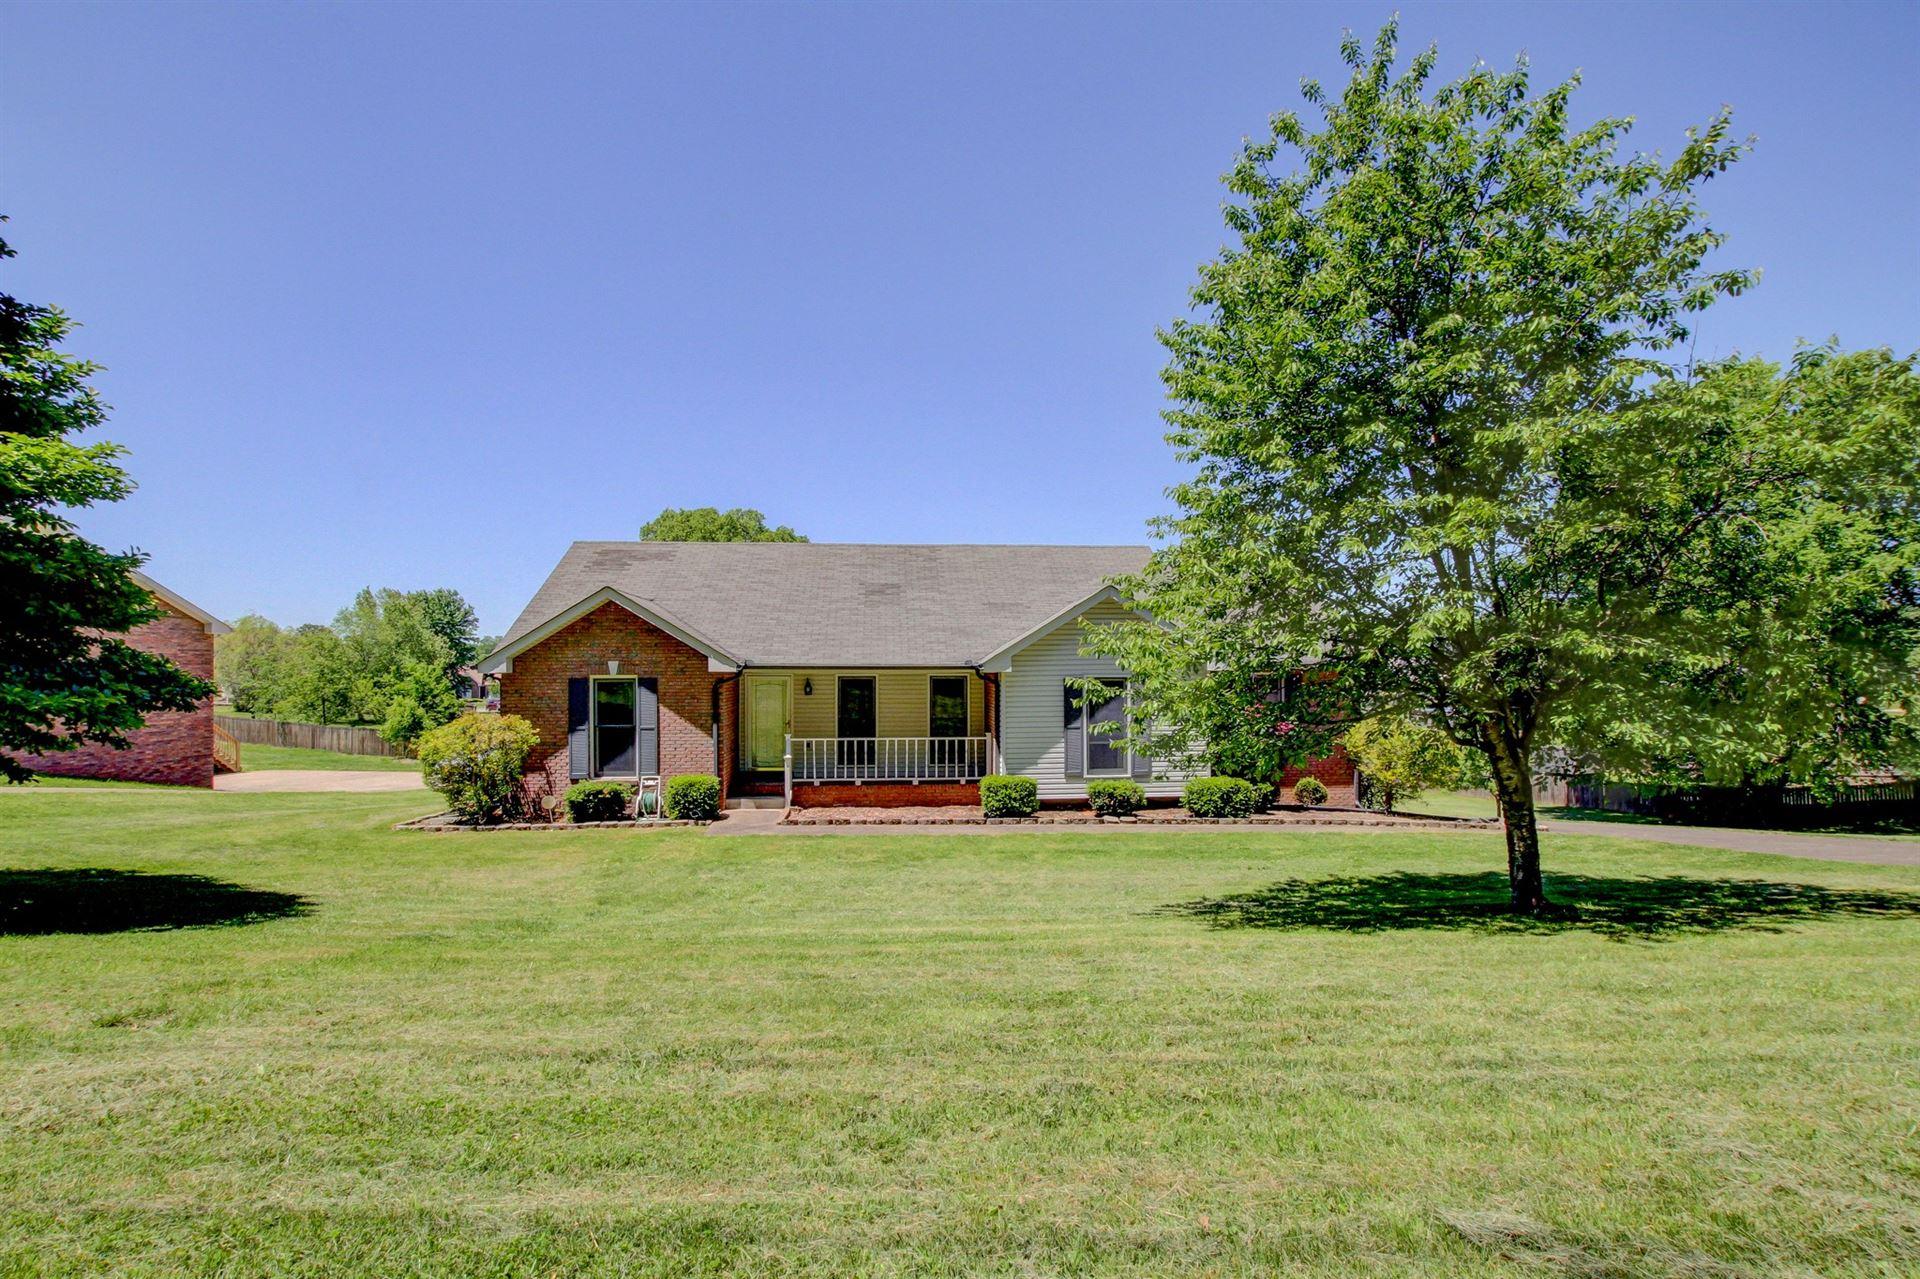 2035 Old Russellville Pike, Clarksville, TN 37043 - MLS#: 2253742